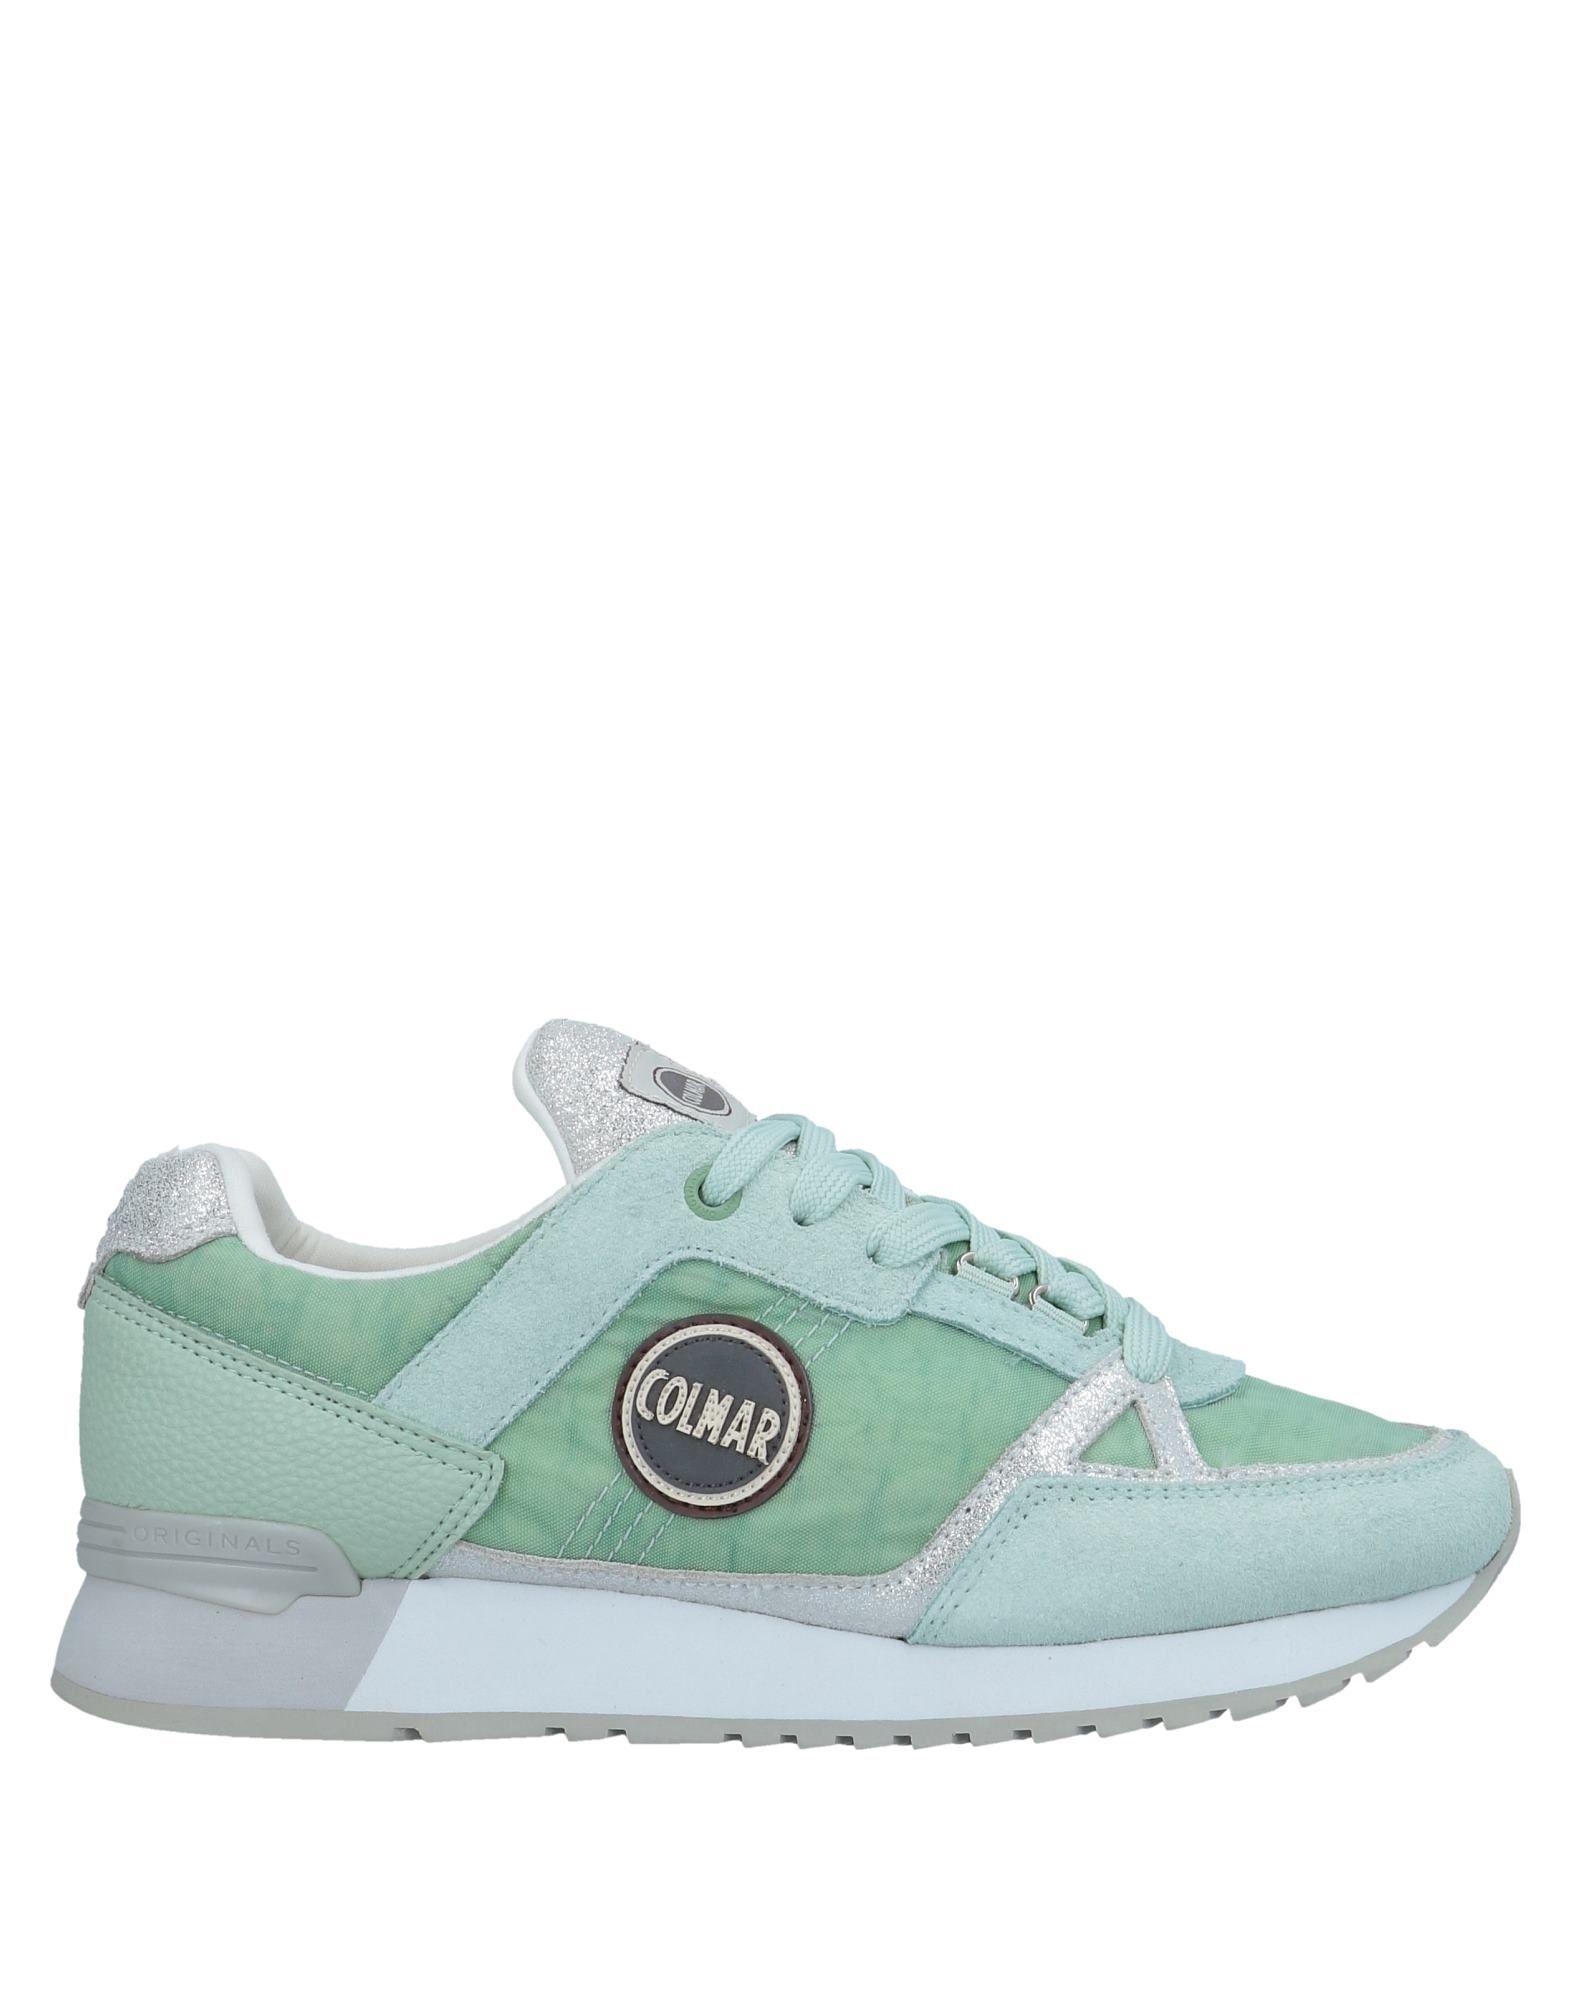 Colmar Sneakers - Women  Colmar Sneakers online on  Women Canada - 11552444DX 8d6f08